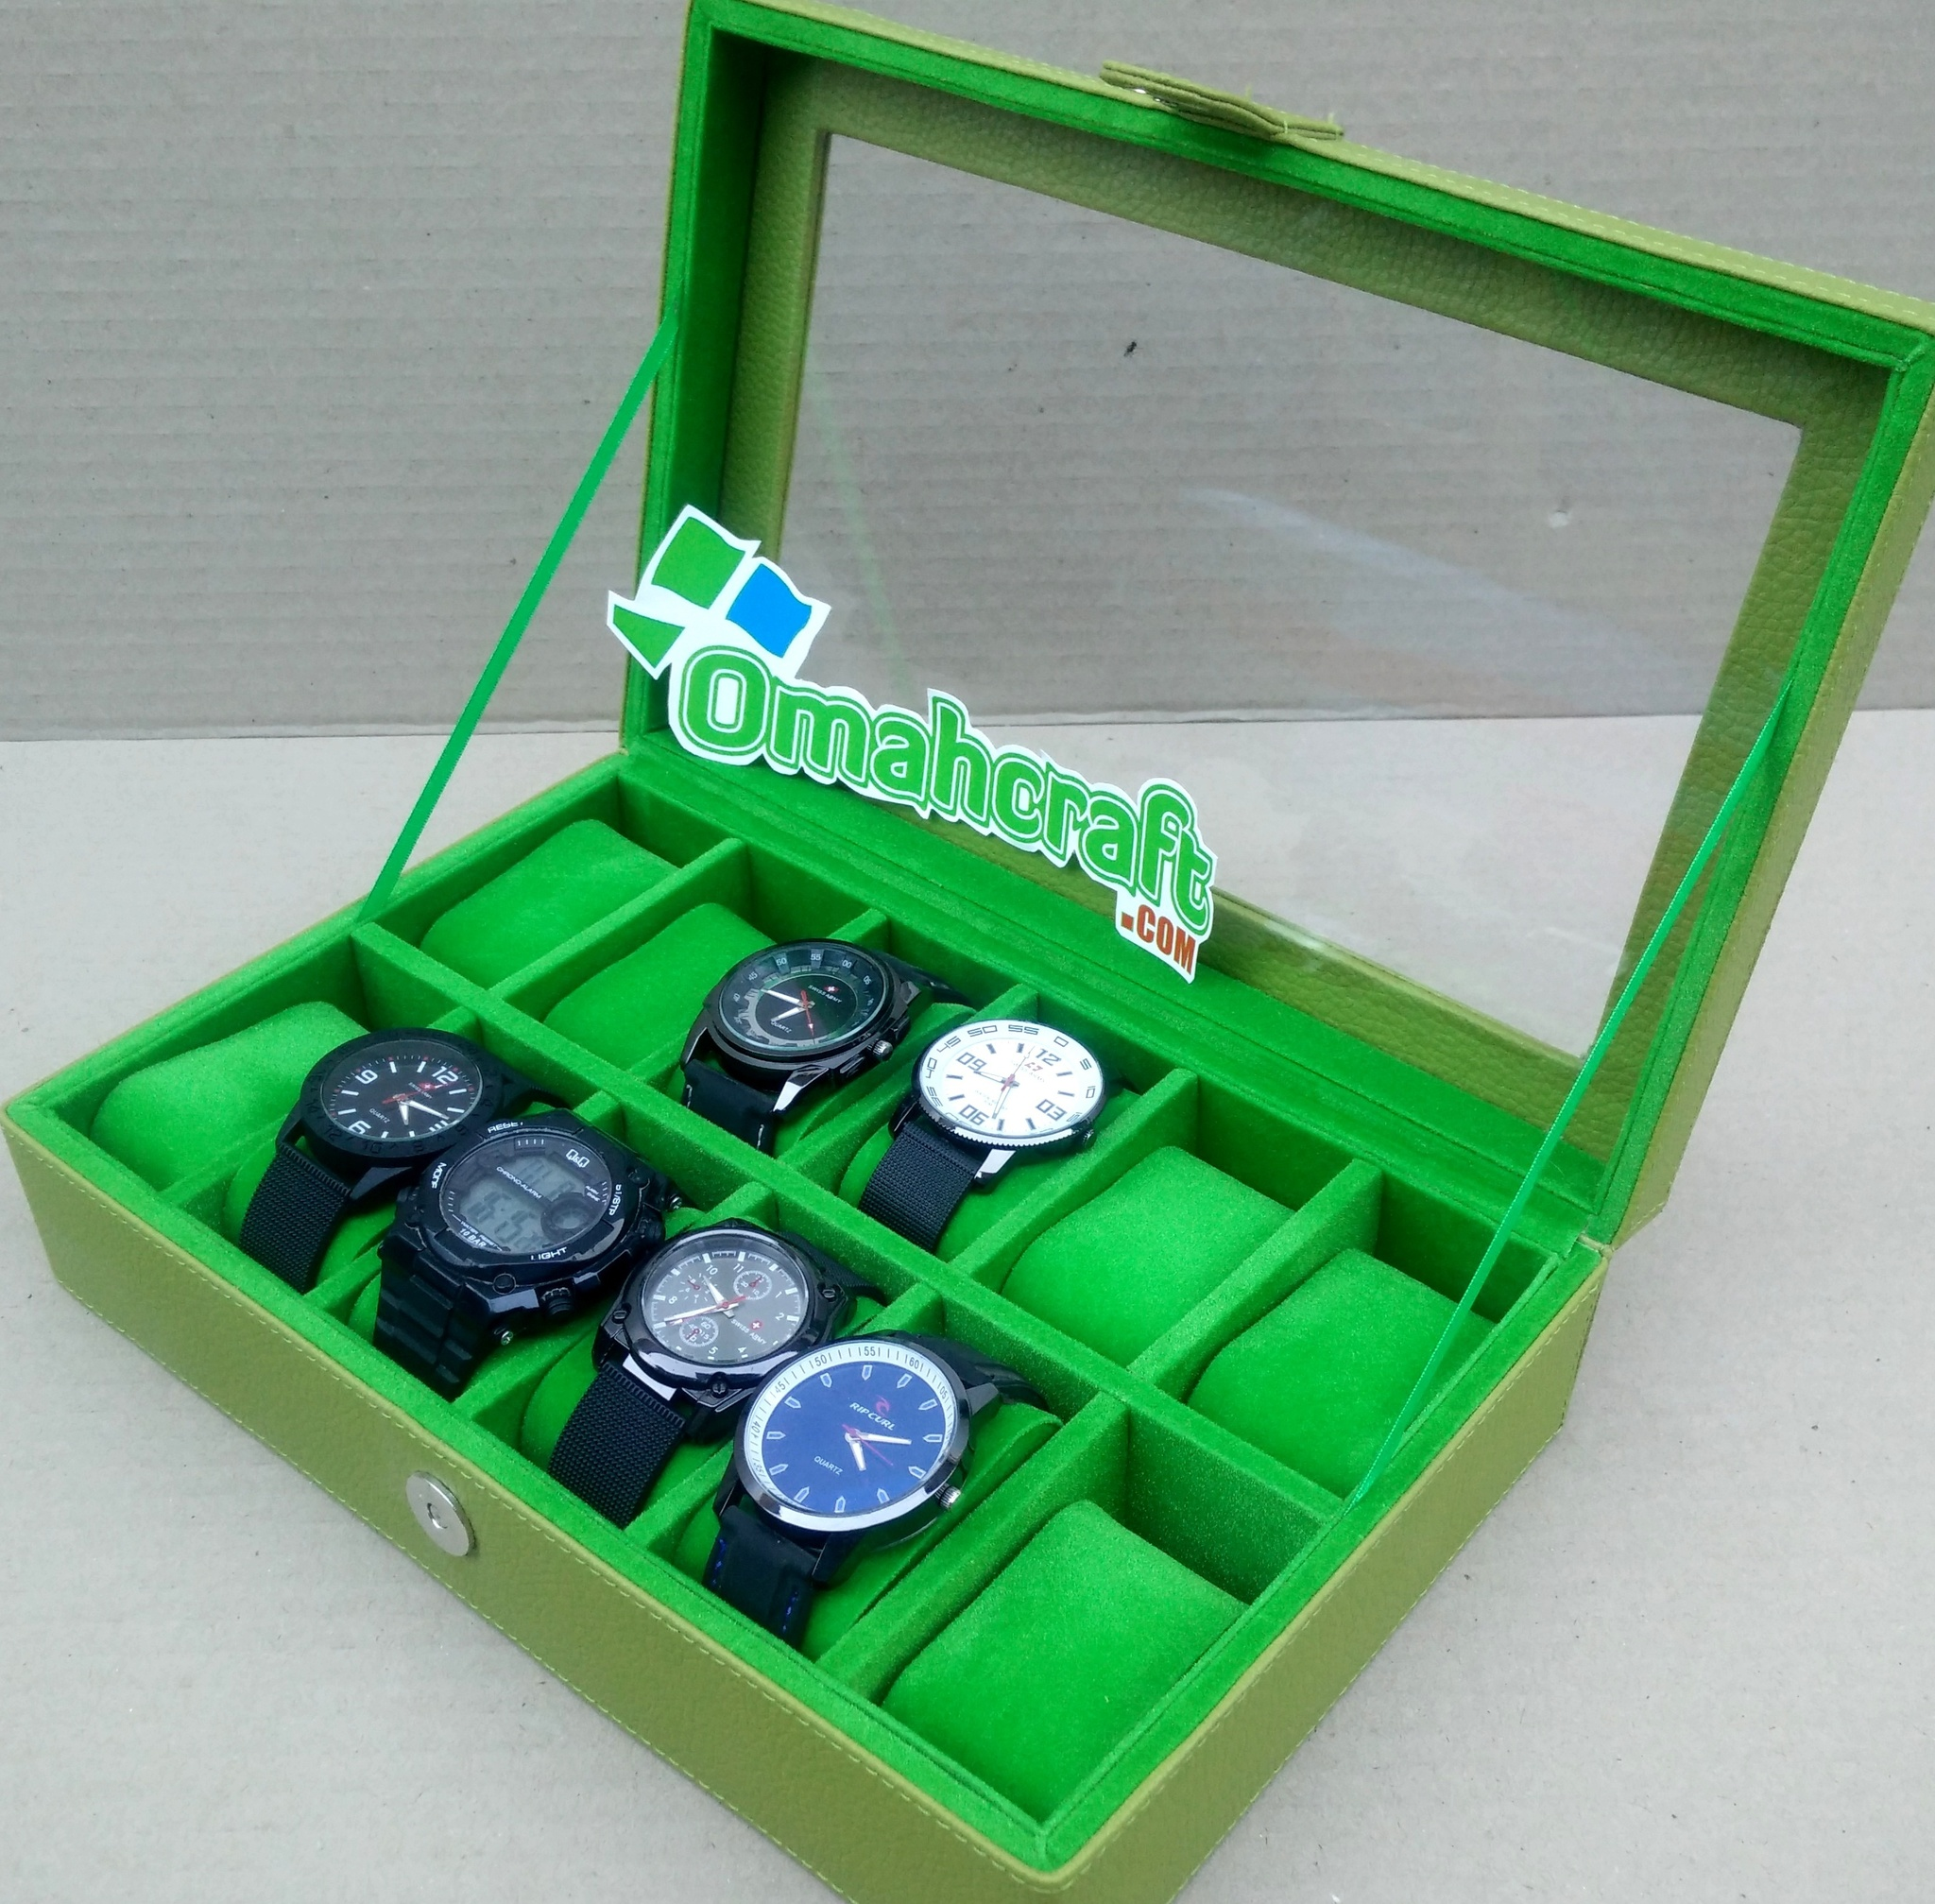 Jual Tempat Jam isi 12 HIJAU l Kotak Jam Tangan l Box Jam Tangan Murah Omah Craft